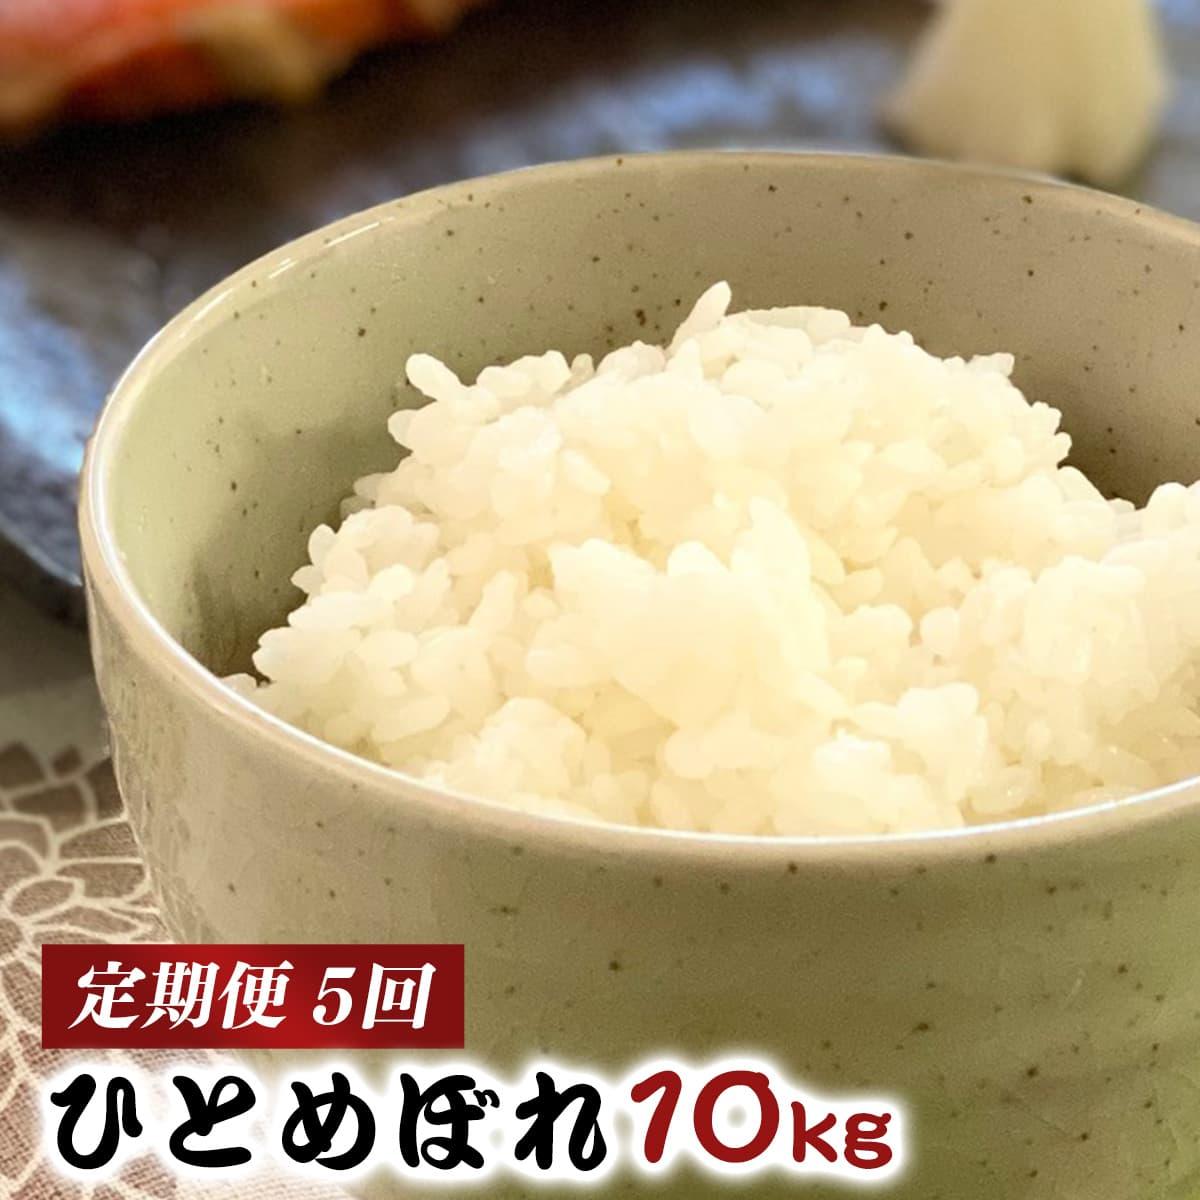 【ふるさと納税】<新米・予約>【定期便】いしのまき産米ひとめぼれ10kg(精米)×5回